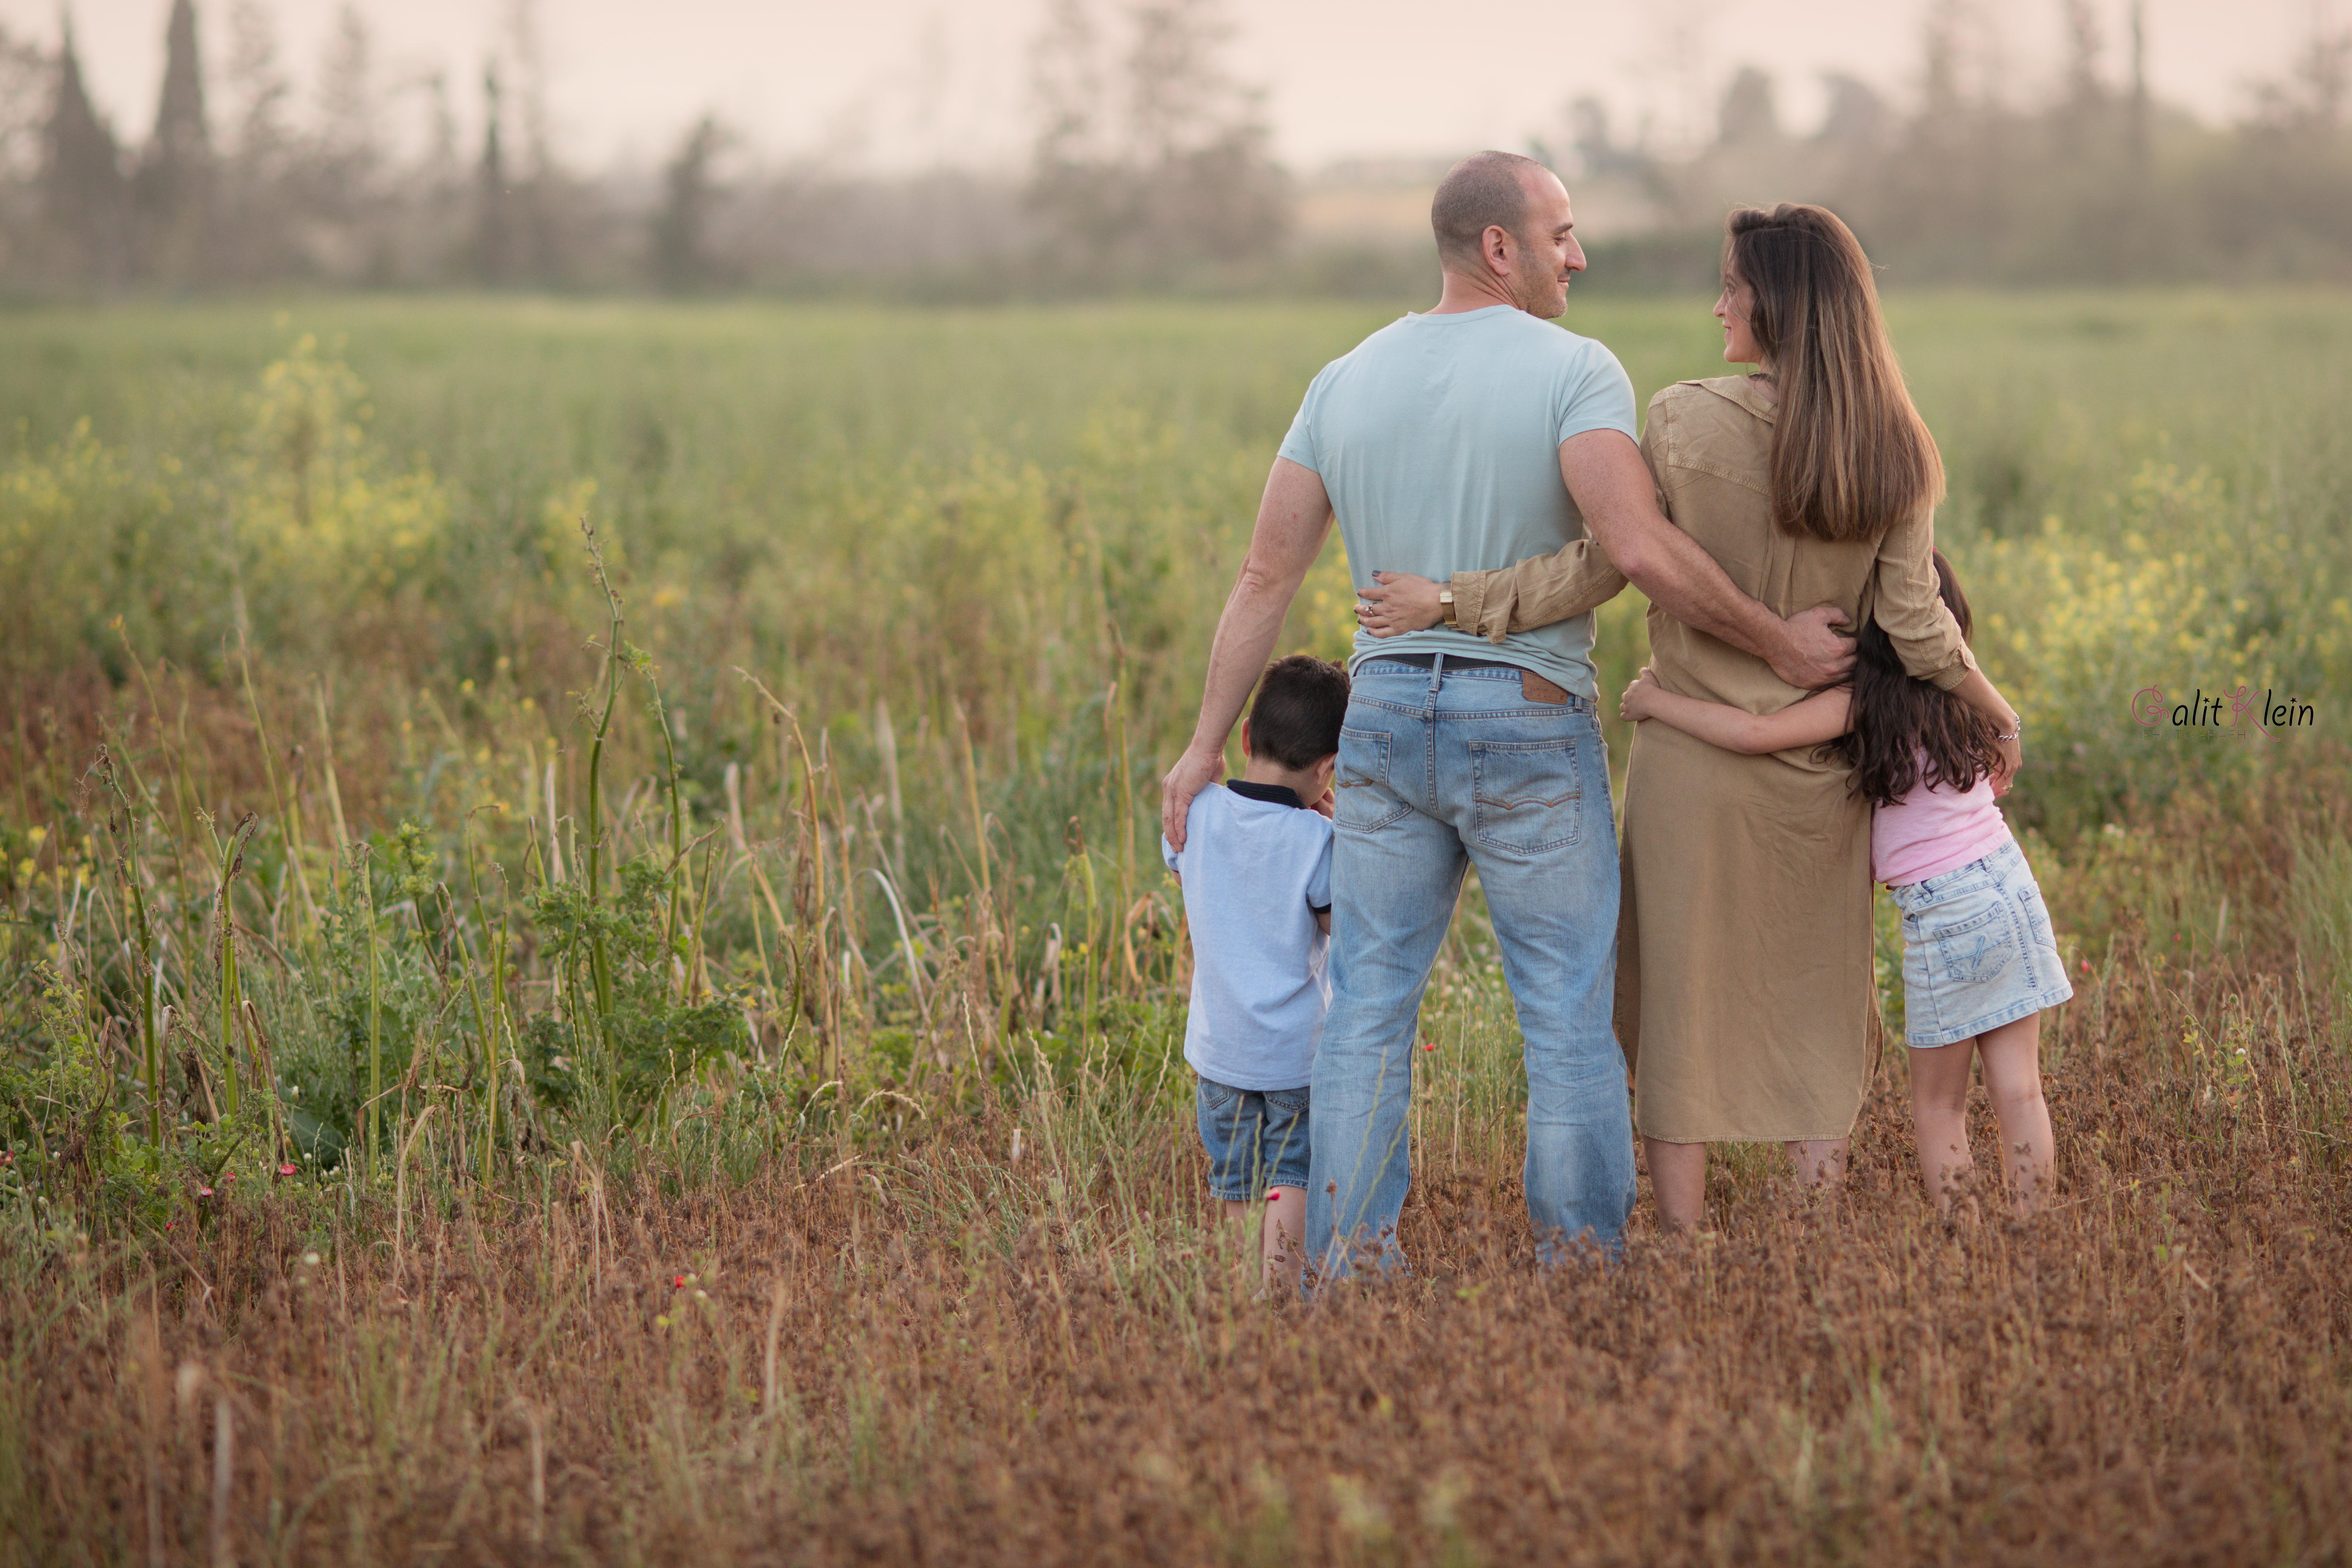 צילומי הריון משפחה בטבע